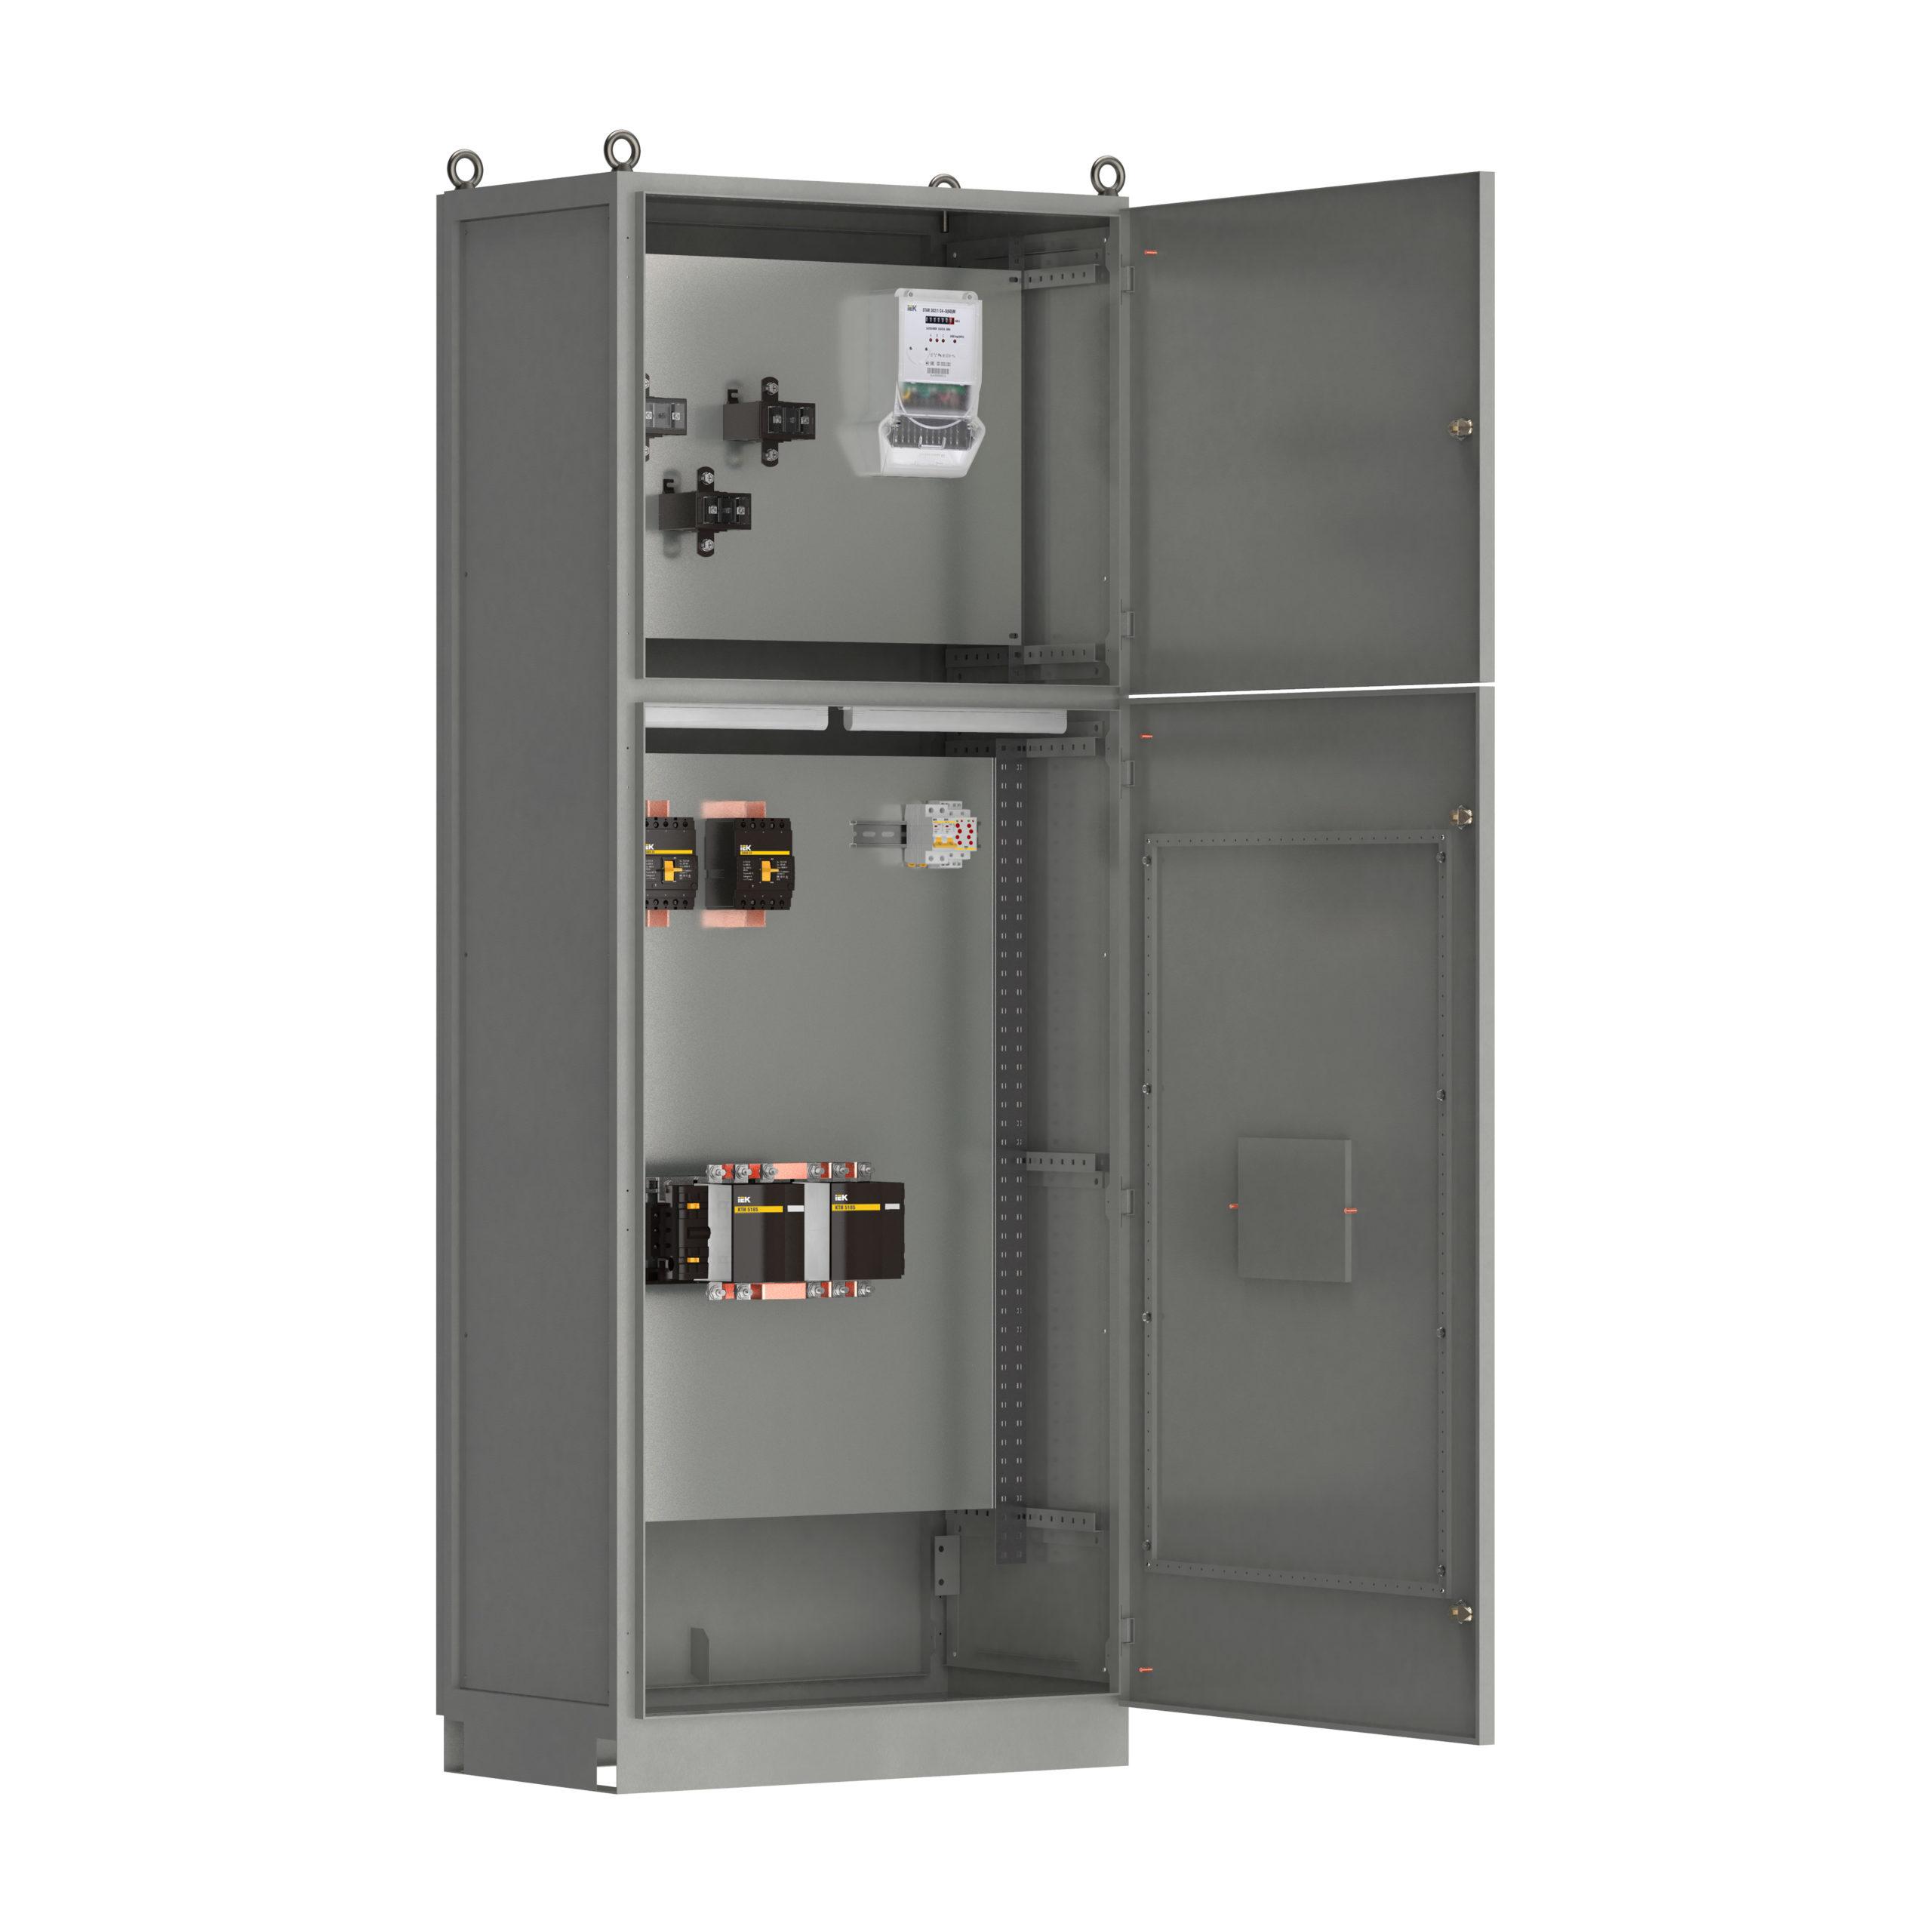 Панель вводная ВРУ1-17-70 УХЛ4 с АВР выключатели автоматические 3Р 2х100А 1Р 2х6А контактор 1х115А и учет IEK